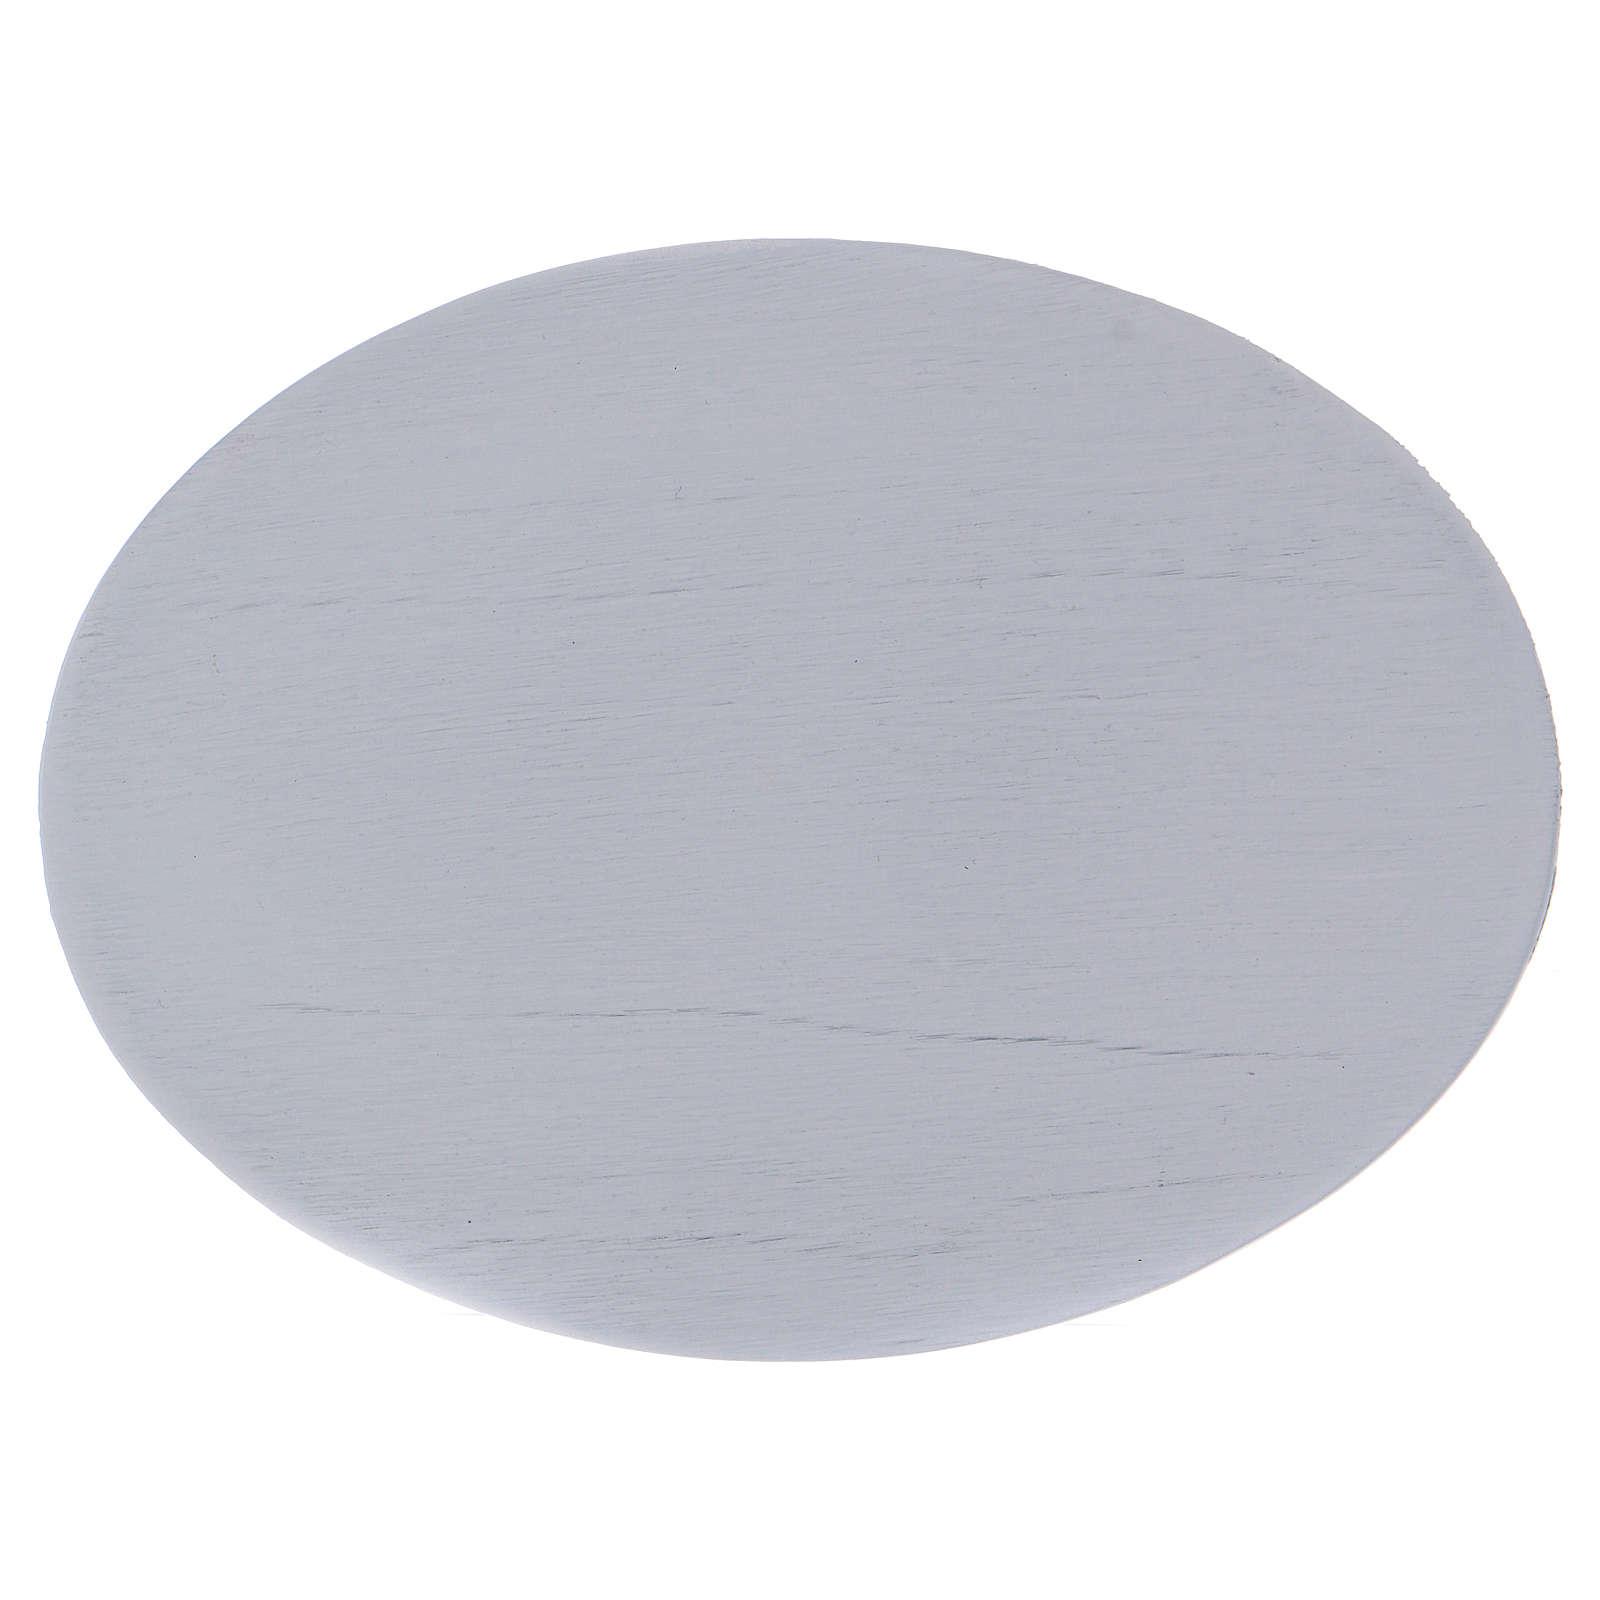 Piattino portacandele semplice ovale bianco 3